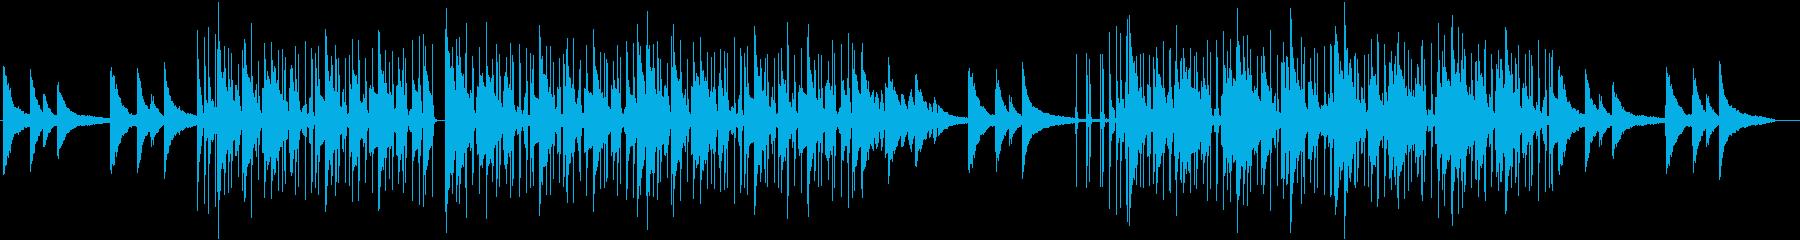 ピアノがお洒落なLoFiHiphopの再生済みの波形